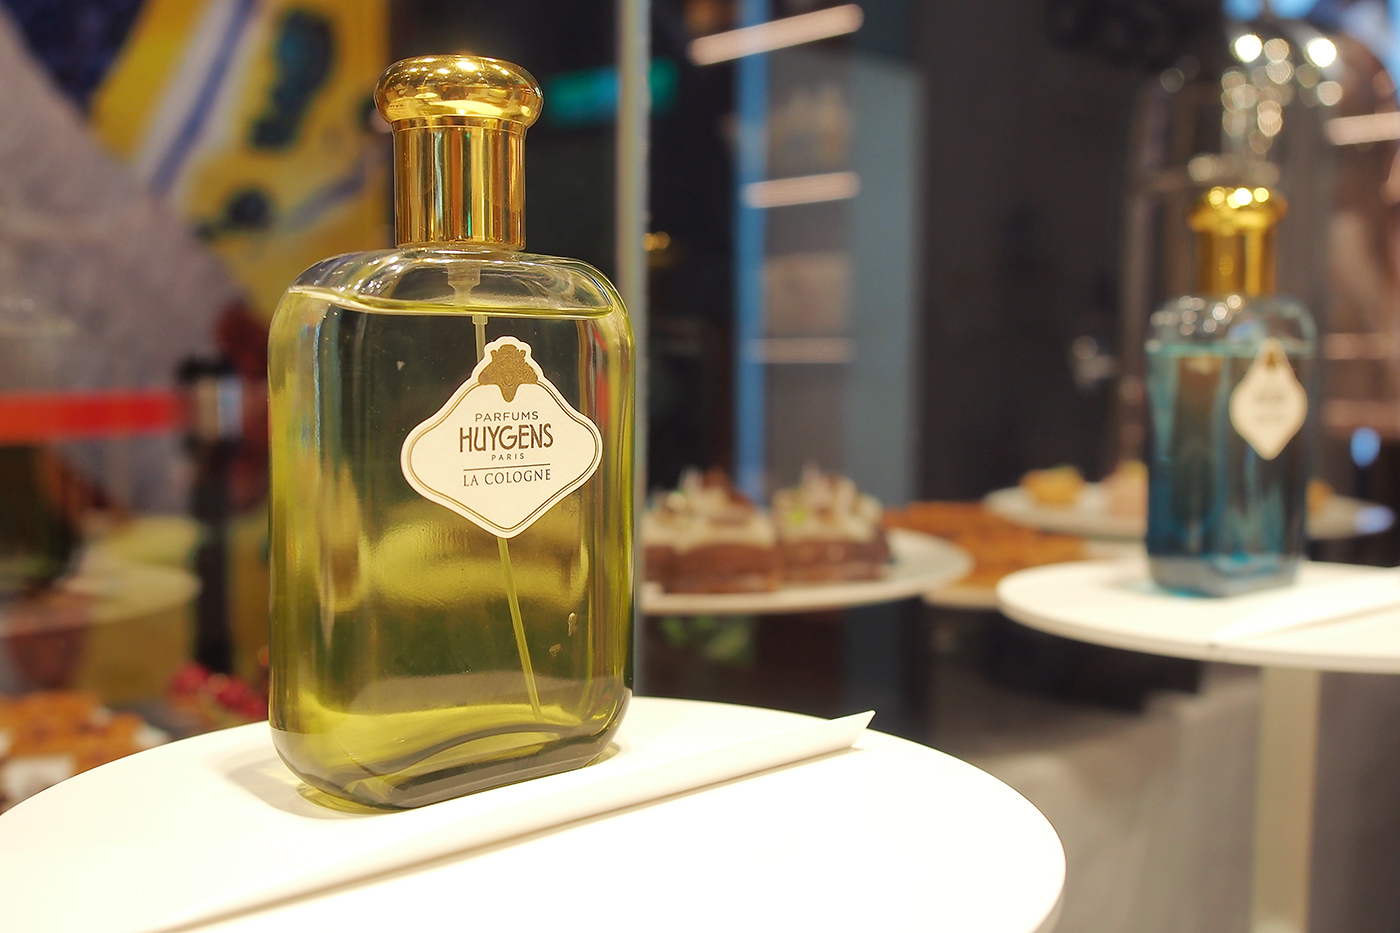 huygens-taipei-perfume-04